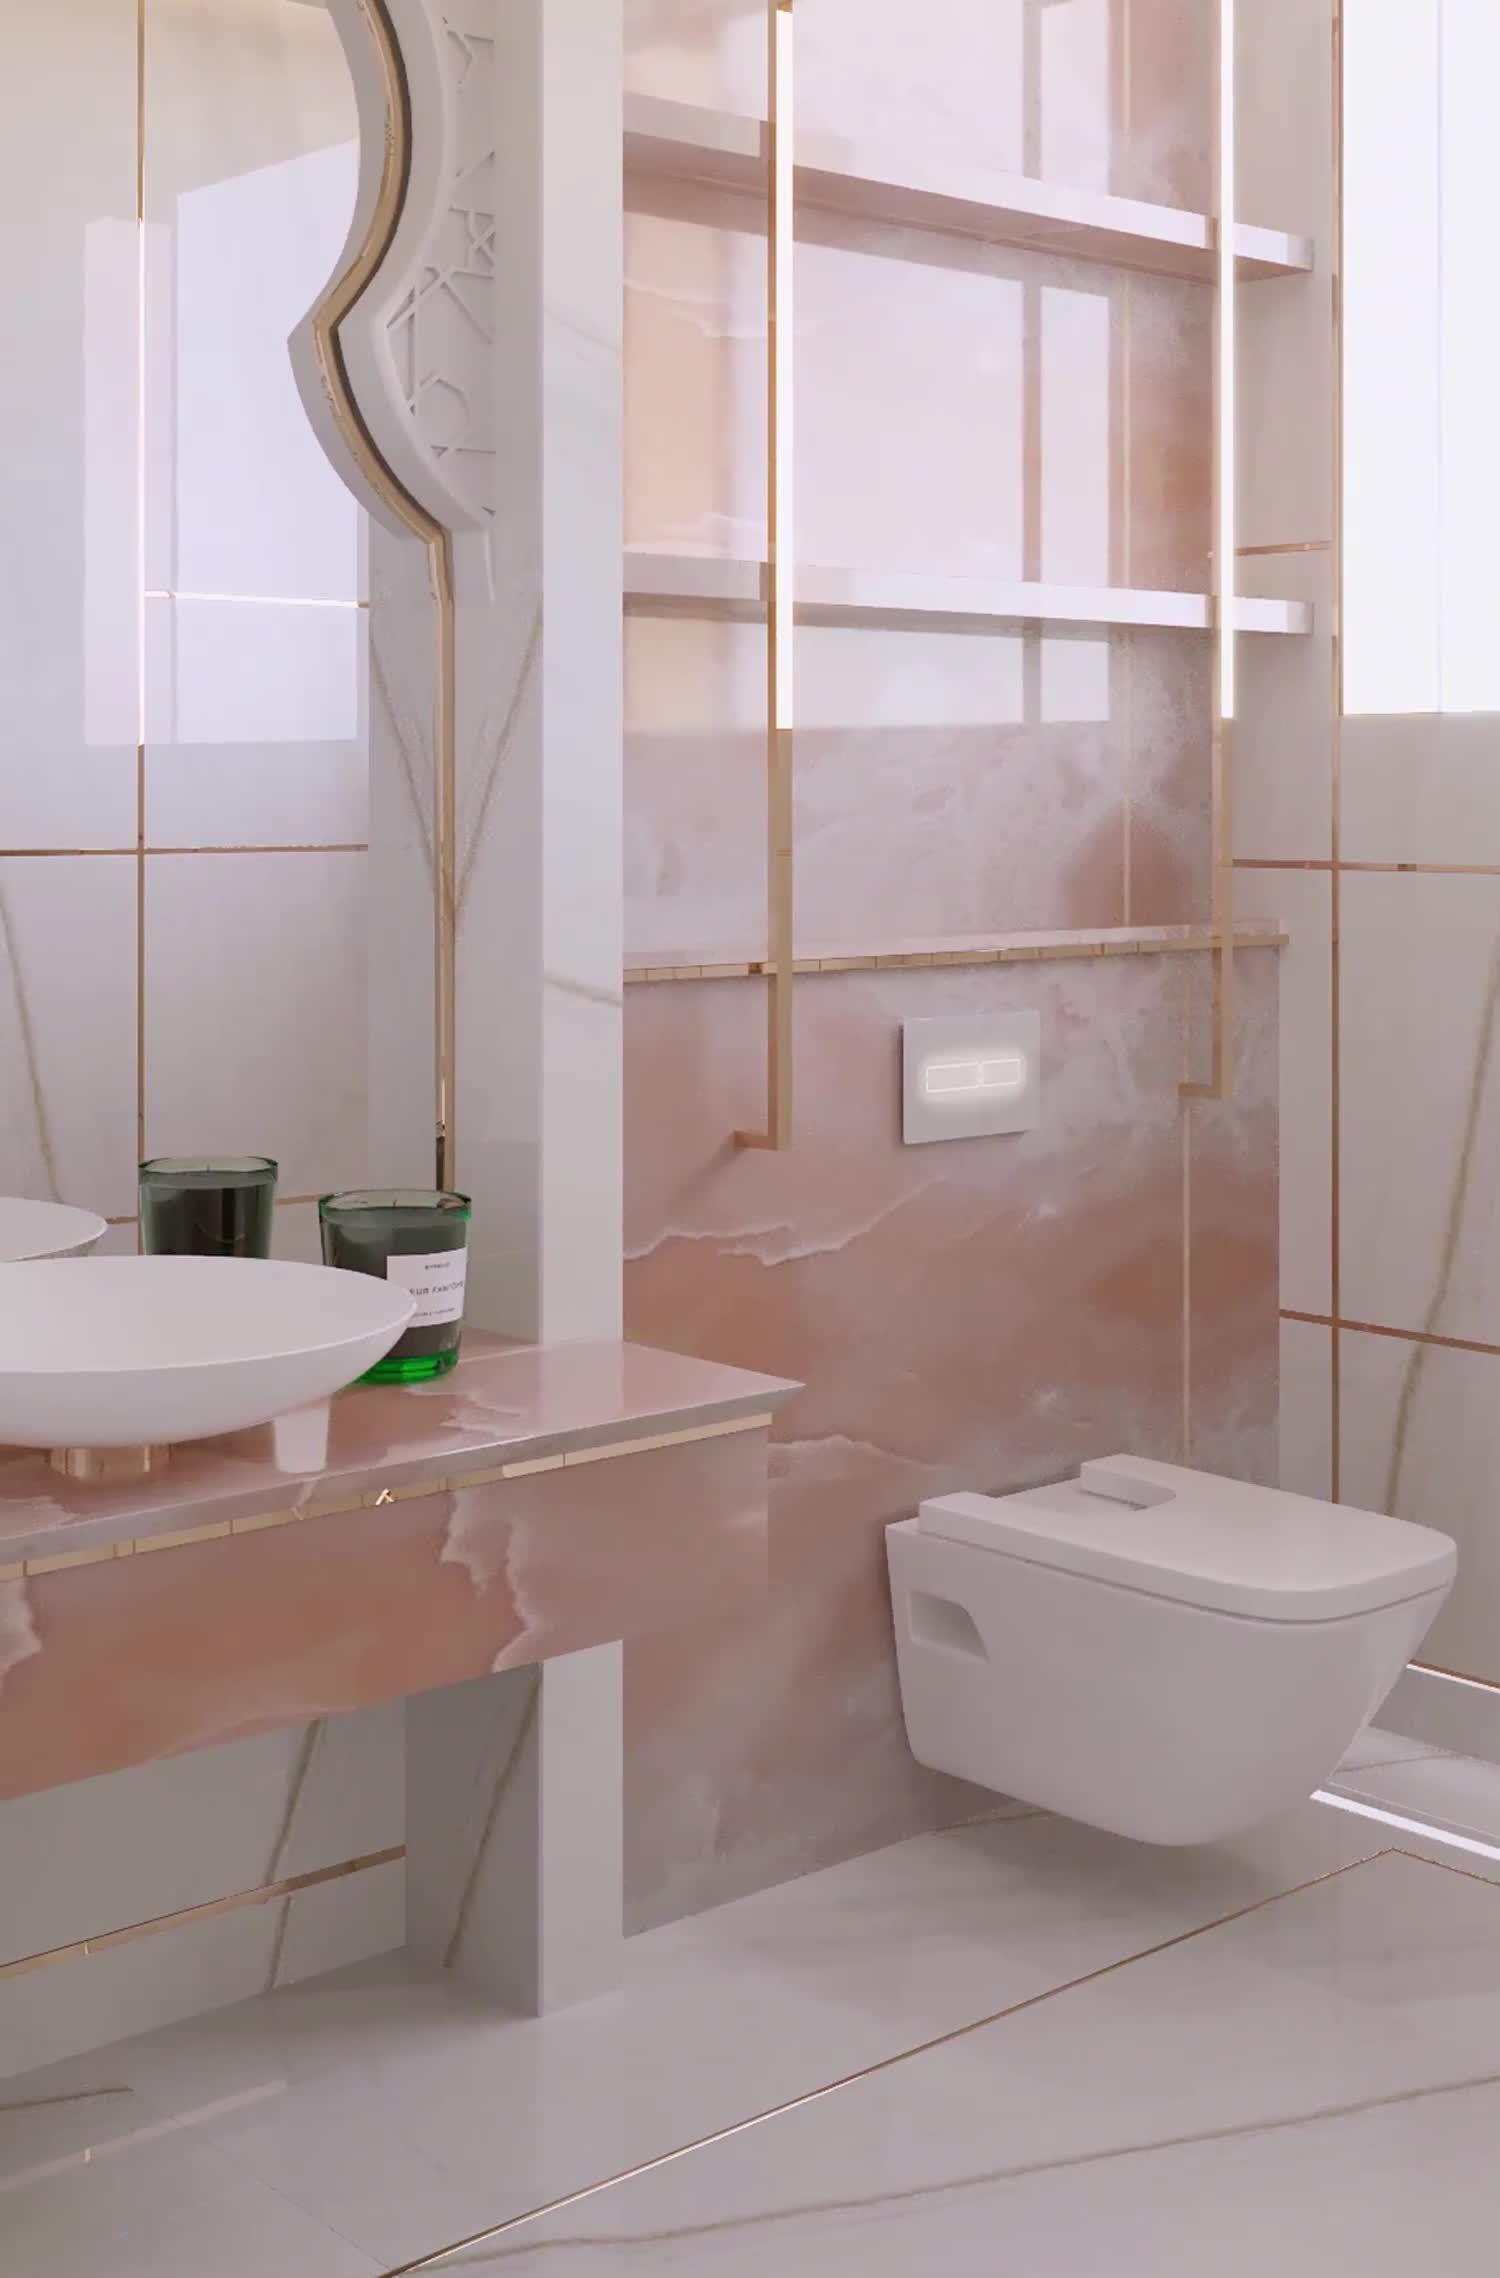 Elegant bathroom interior design videos by designers of Spazio